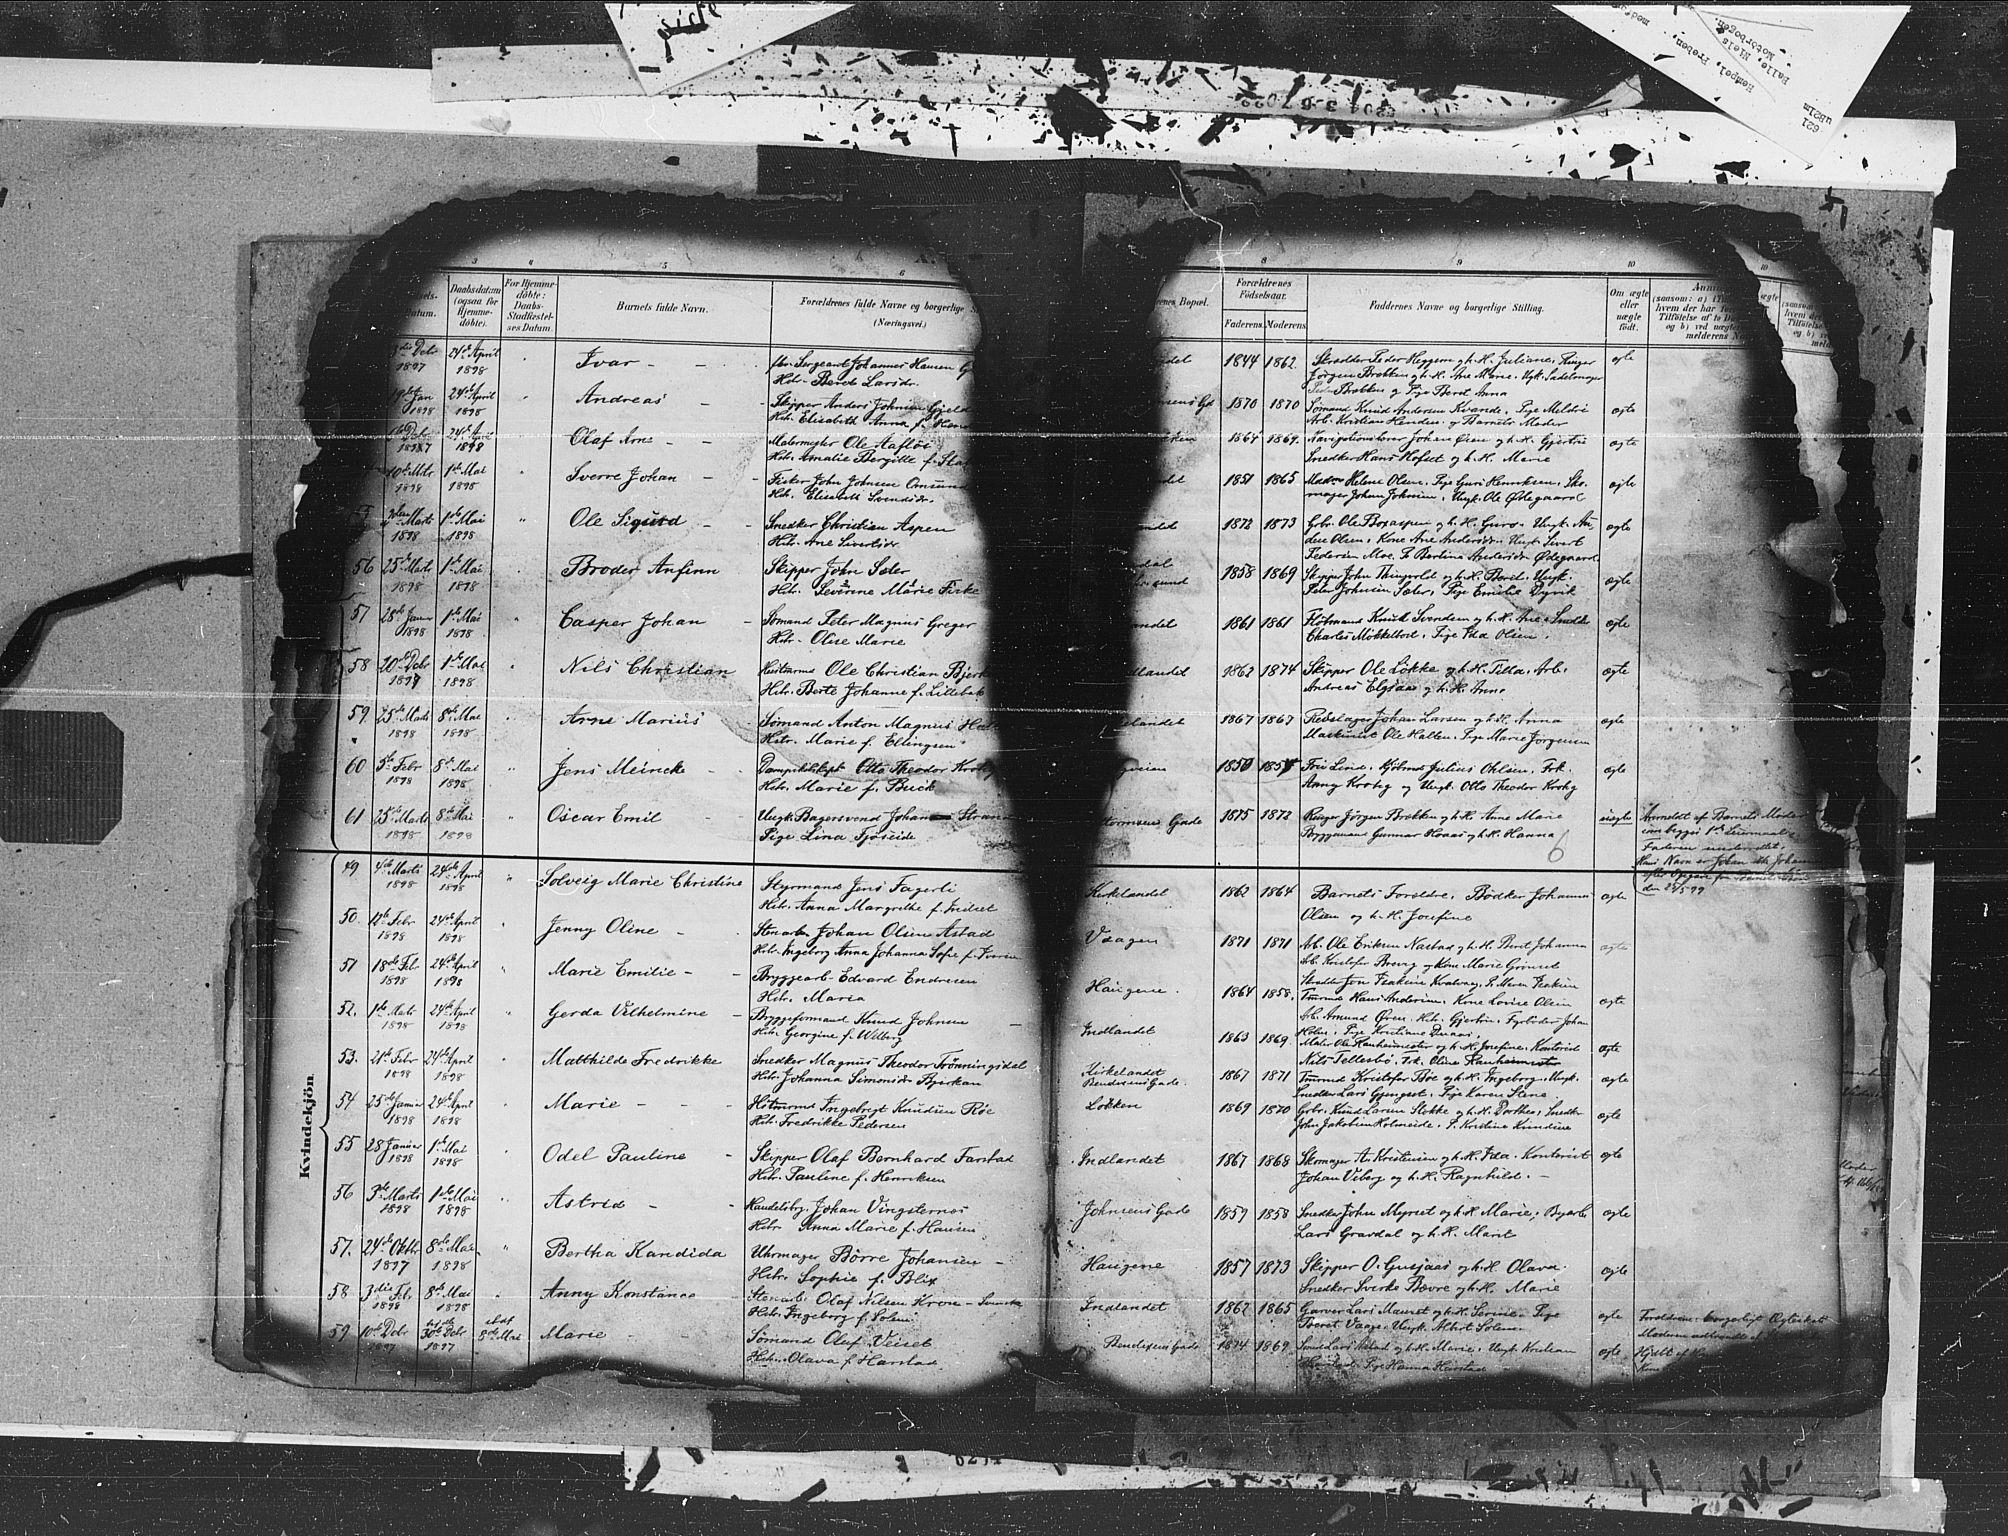 SAT, Ministerialprotokoller, klokkerbøker og fødselsregistre - Møre og Romsdal, 572/L0855: Ministerialbok nr. 572A18, 1898-1913, s. 6